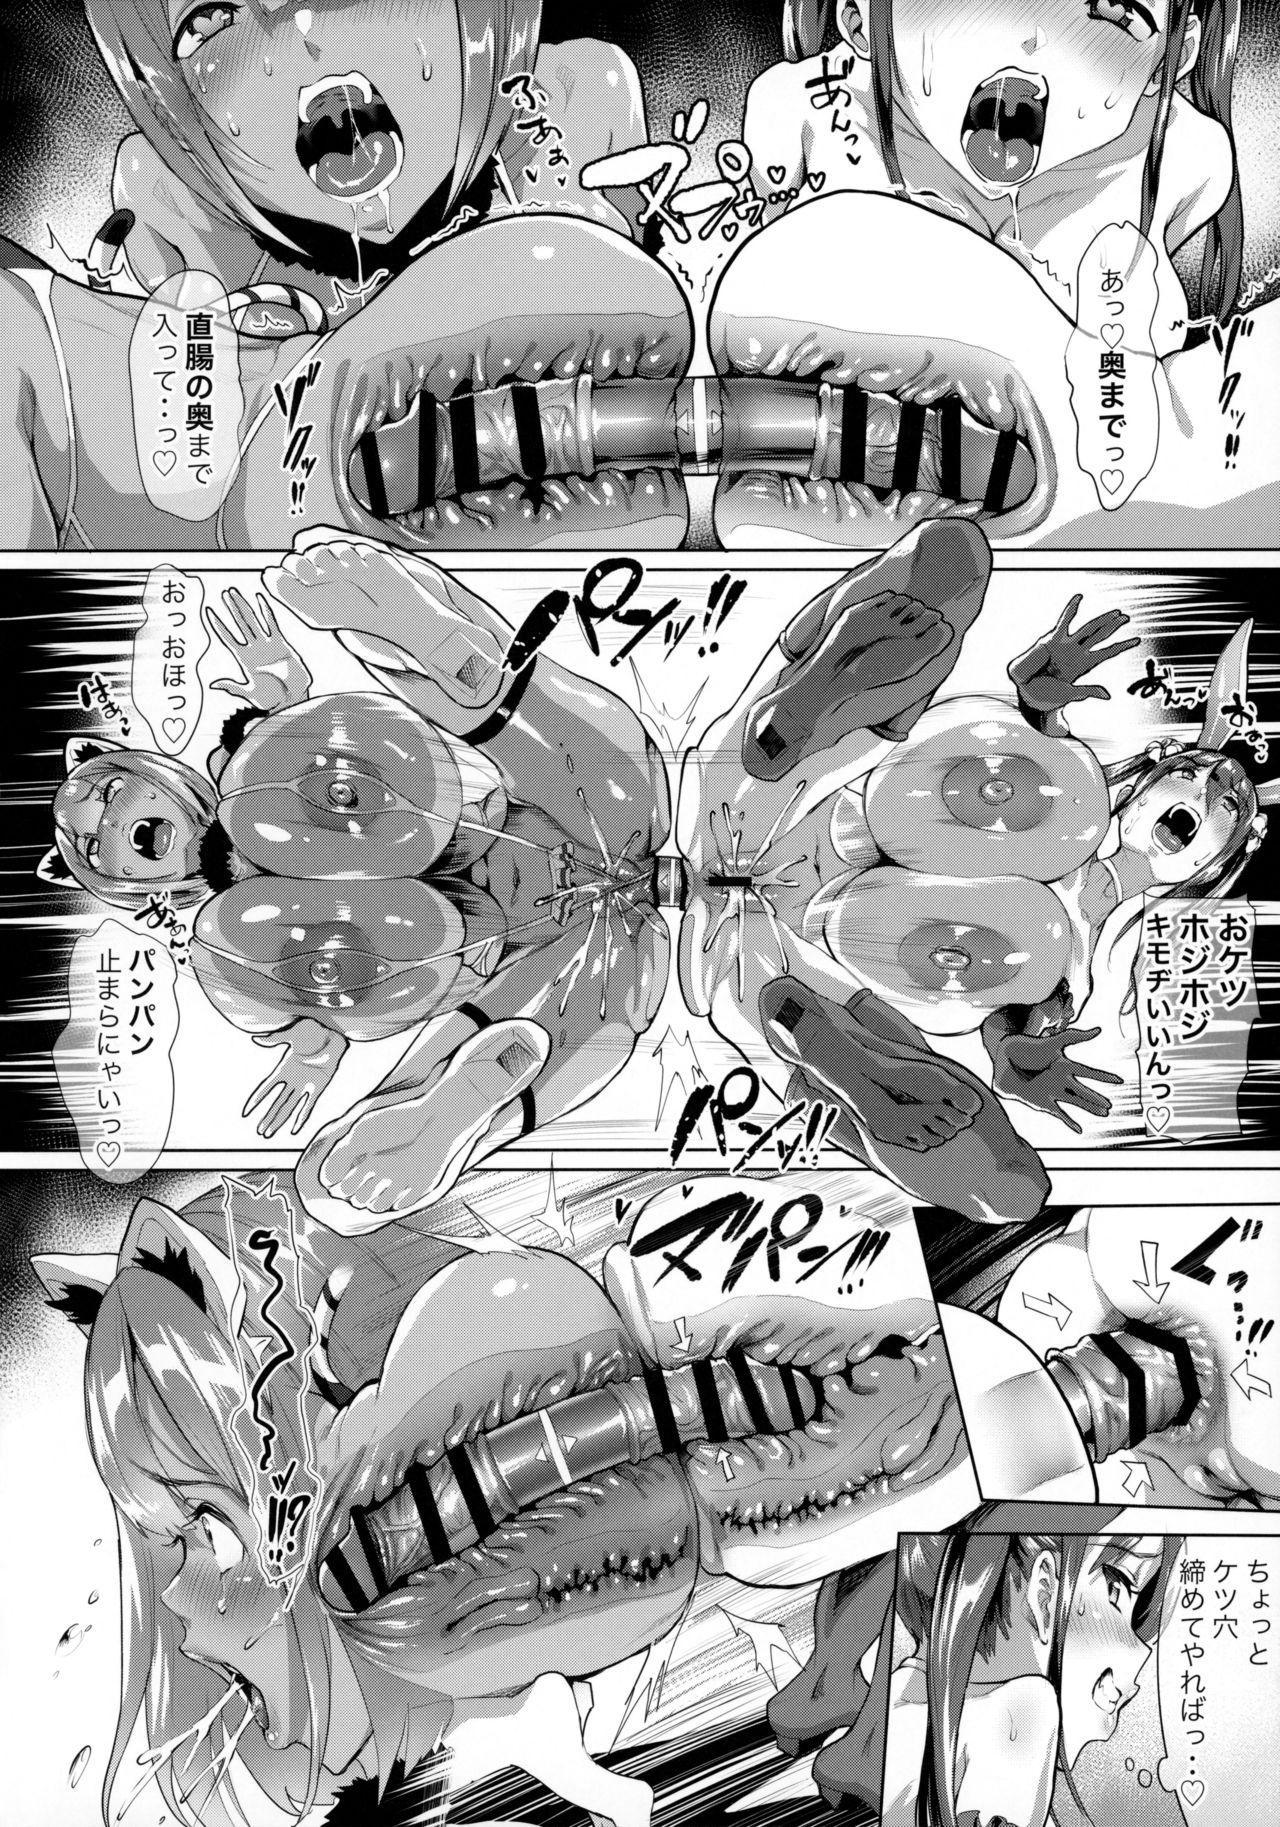 Sakusei Toshi Elosion - Sex Paradise City Elosion 20